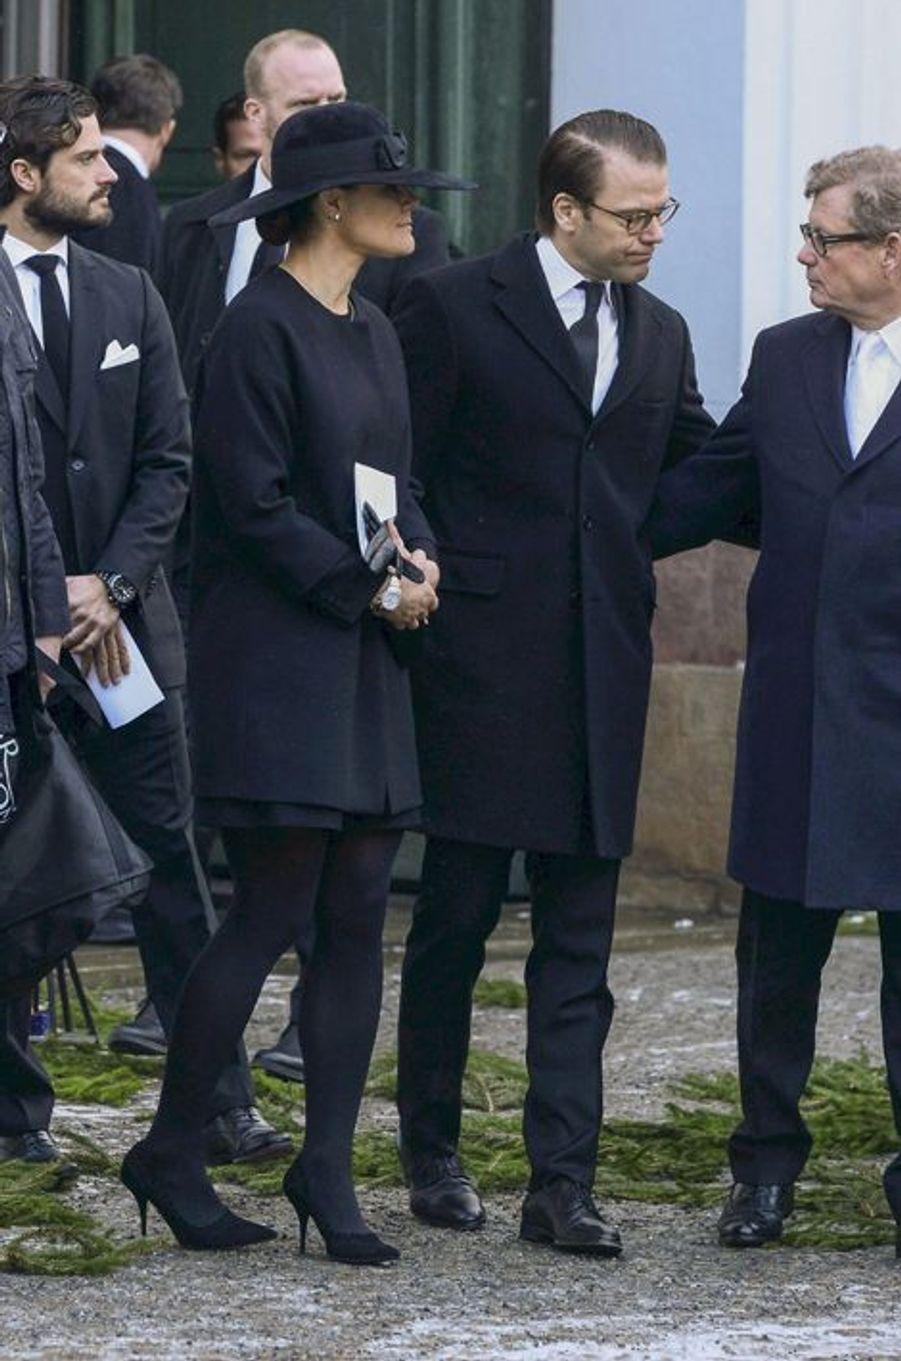 La princesse Victoria et les princes Daniel et Carl Philip à l'office pour Peter Wallenberg à Stockholm, le 4 février 2015